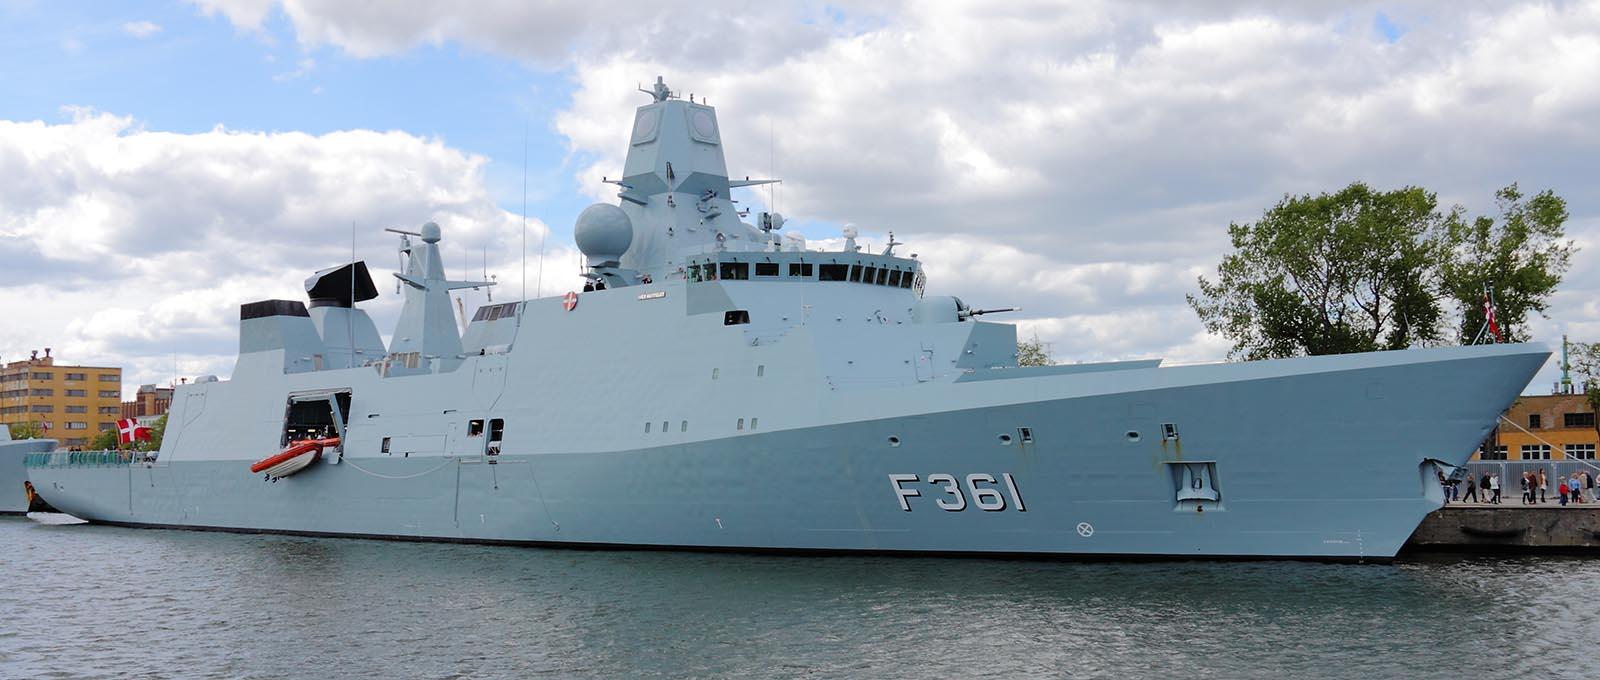 Den danska Huitfeldtklassen har stor mångsidighet och fartygen är intressanta bl a för luftförsvaret av Östersjöinloppen. Foto: Konflikty.pl, Attribution, https://commons.wikimedia.org/w/index.php?curid=19809385.